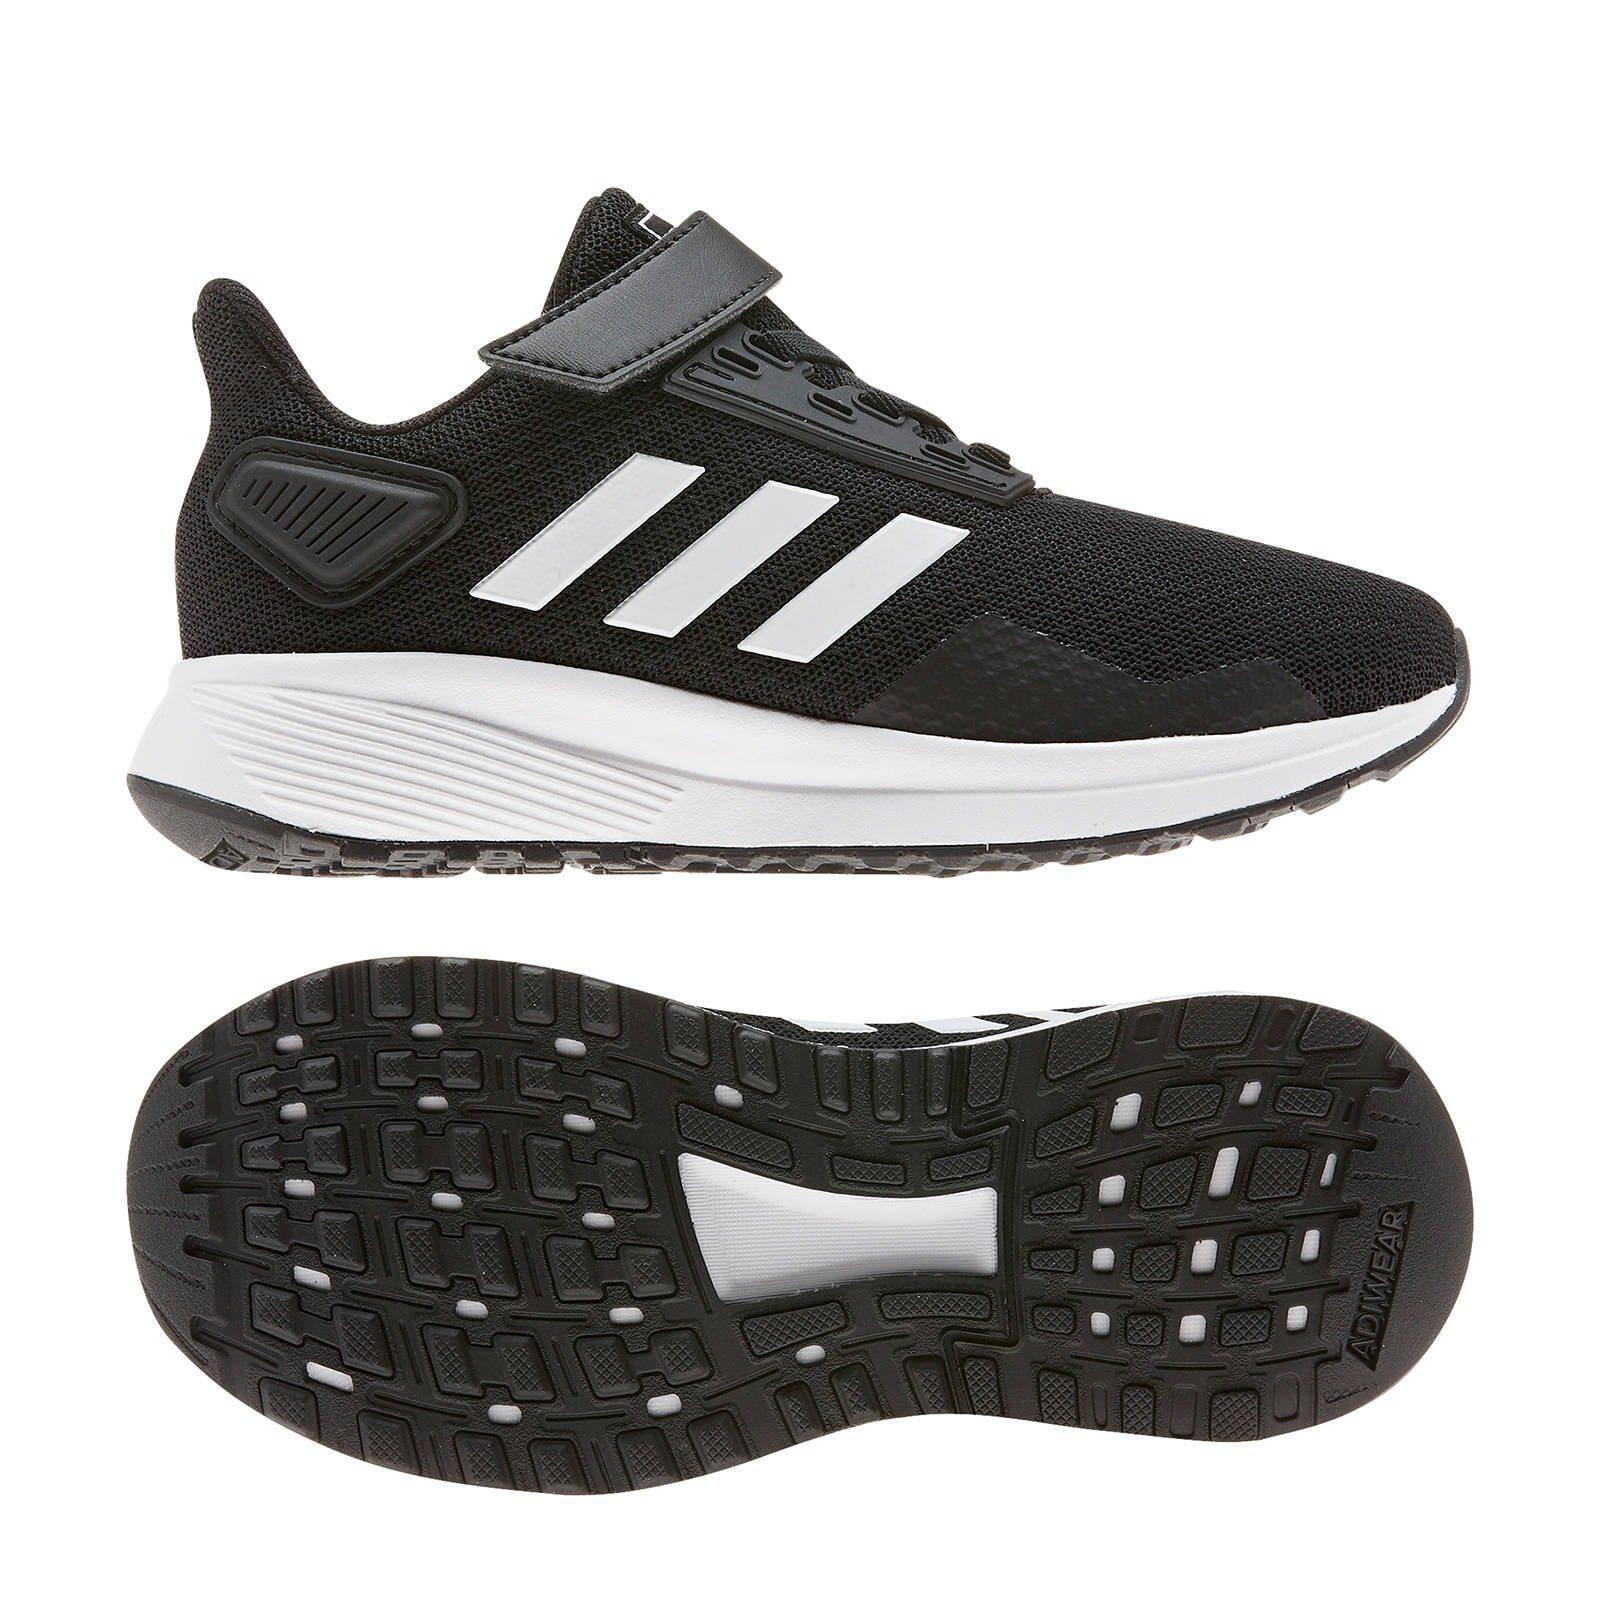 adidas Duramo 9 C hardloopschoenen zwartwit kids | wehkamp